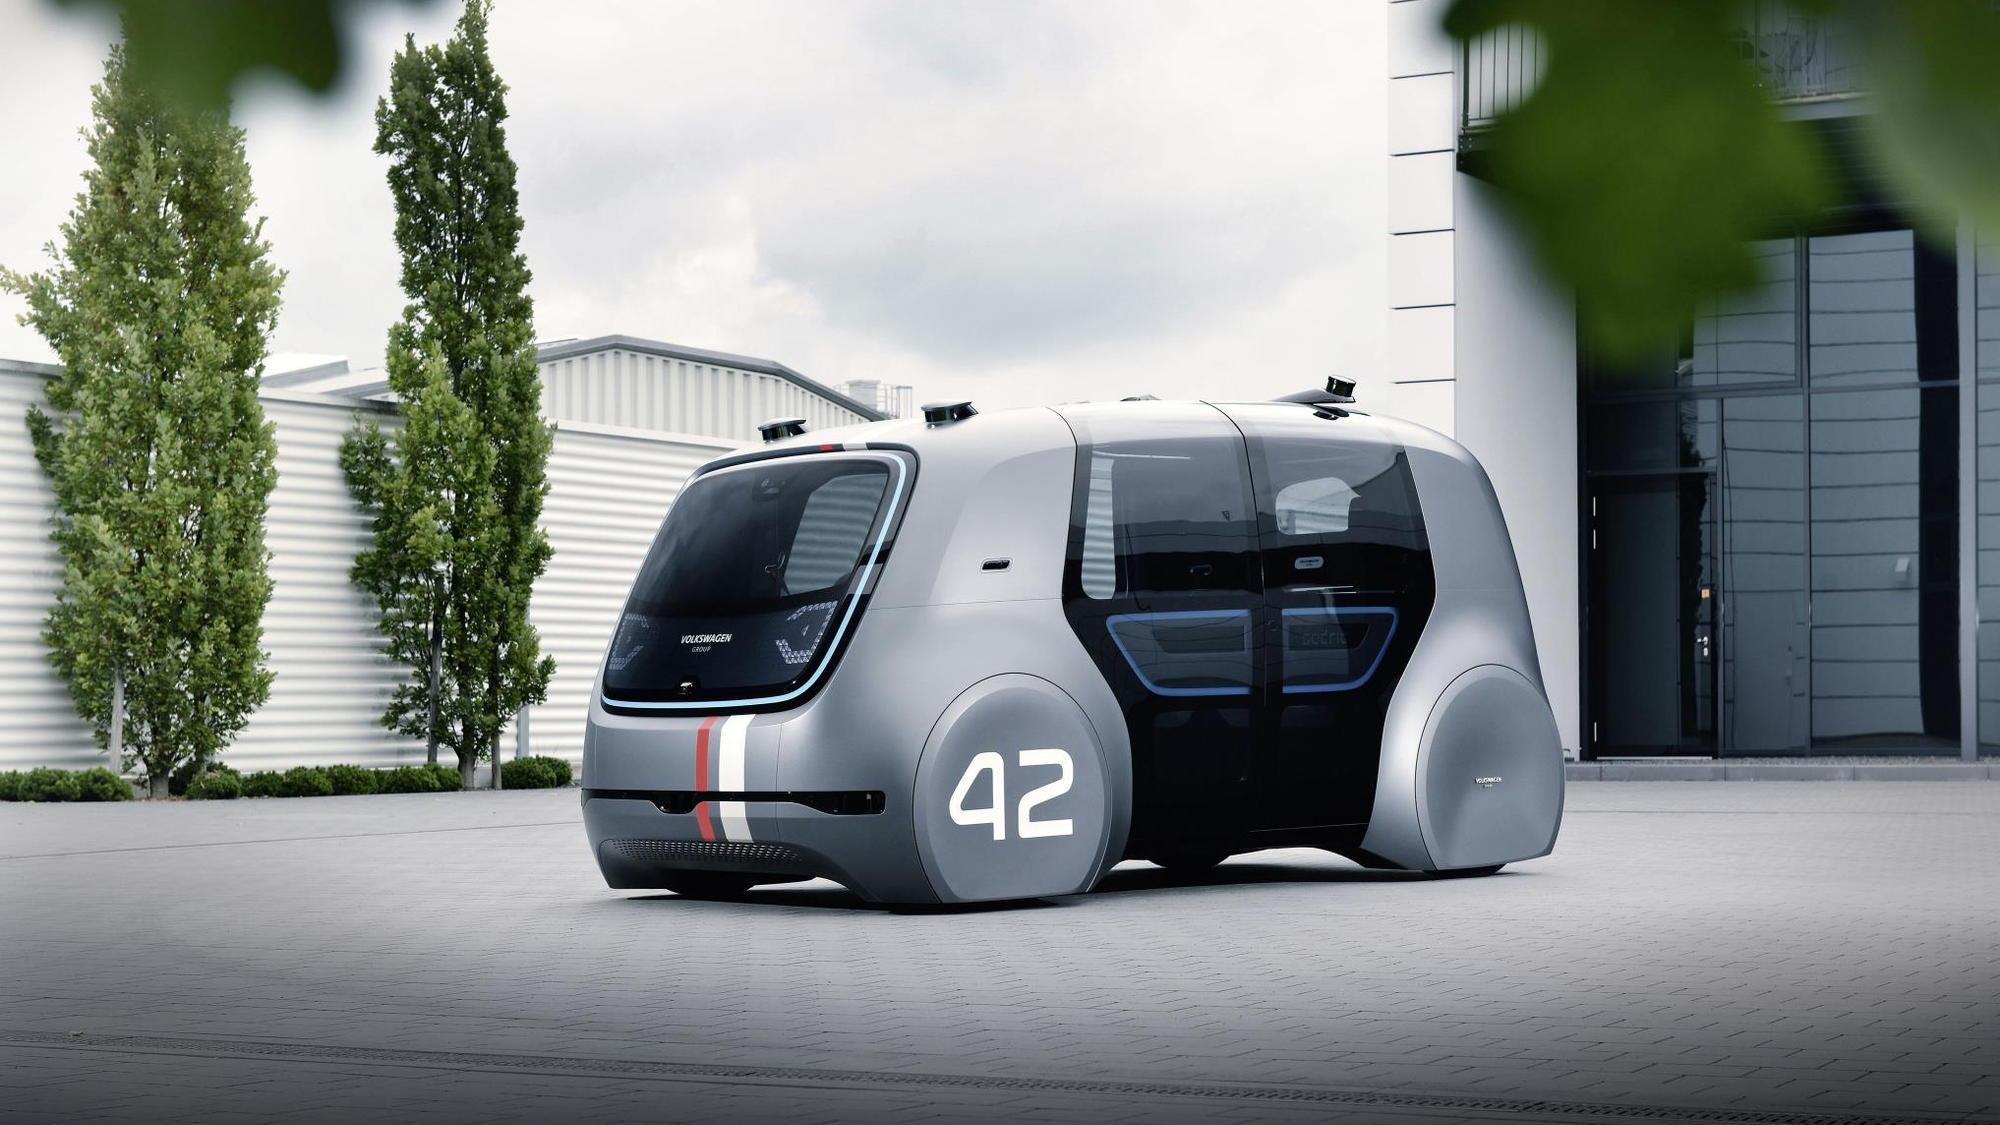 Volkswagen Group Sedric concept, 2017 Frankfurt Motor Show